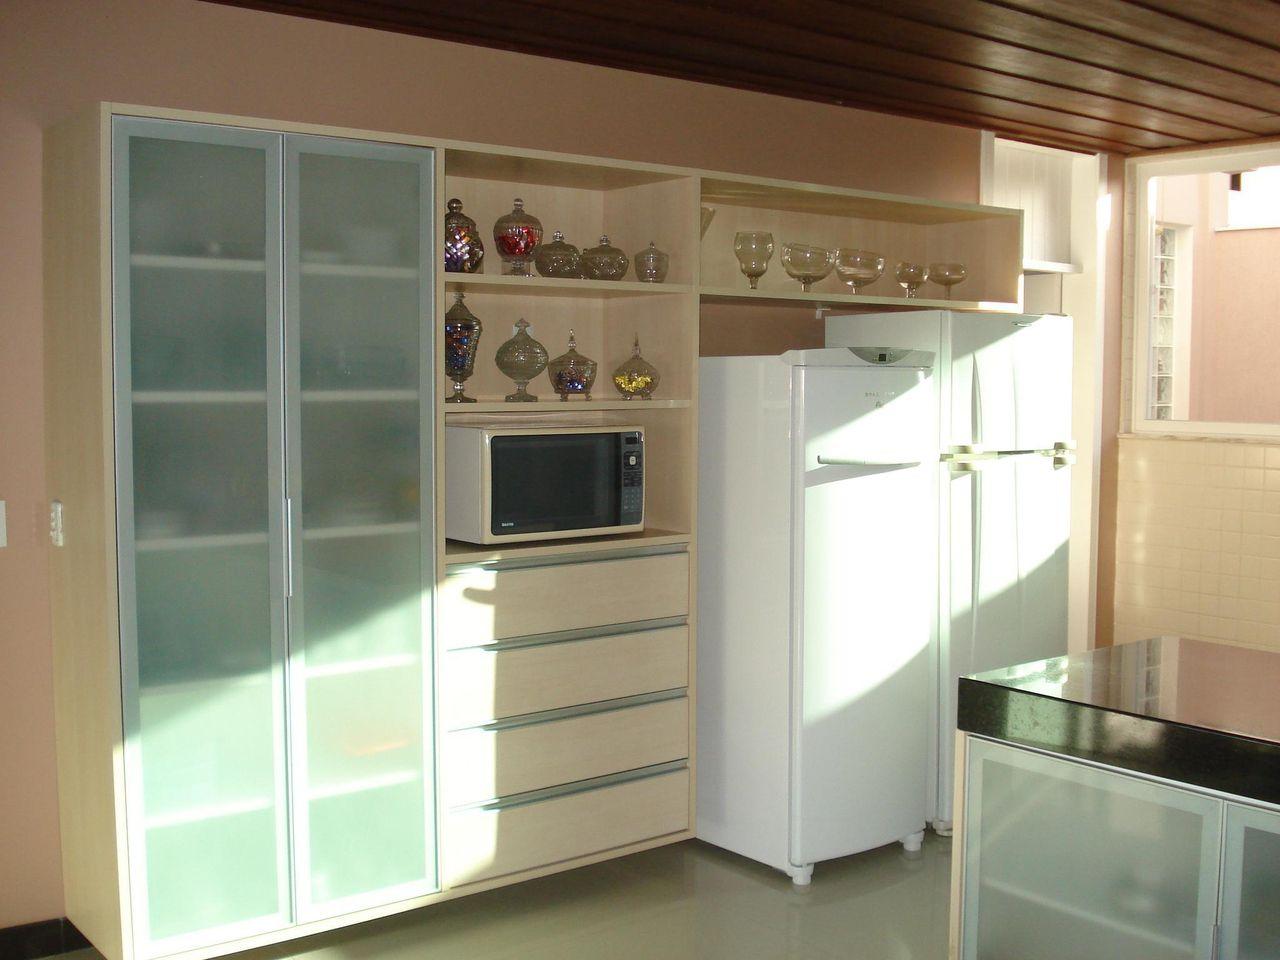 Cozinha Com Arm Rio De Vidro E Eletrodom Sticos Br De Daiane